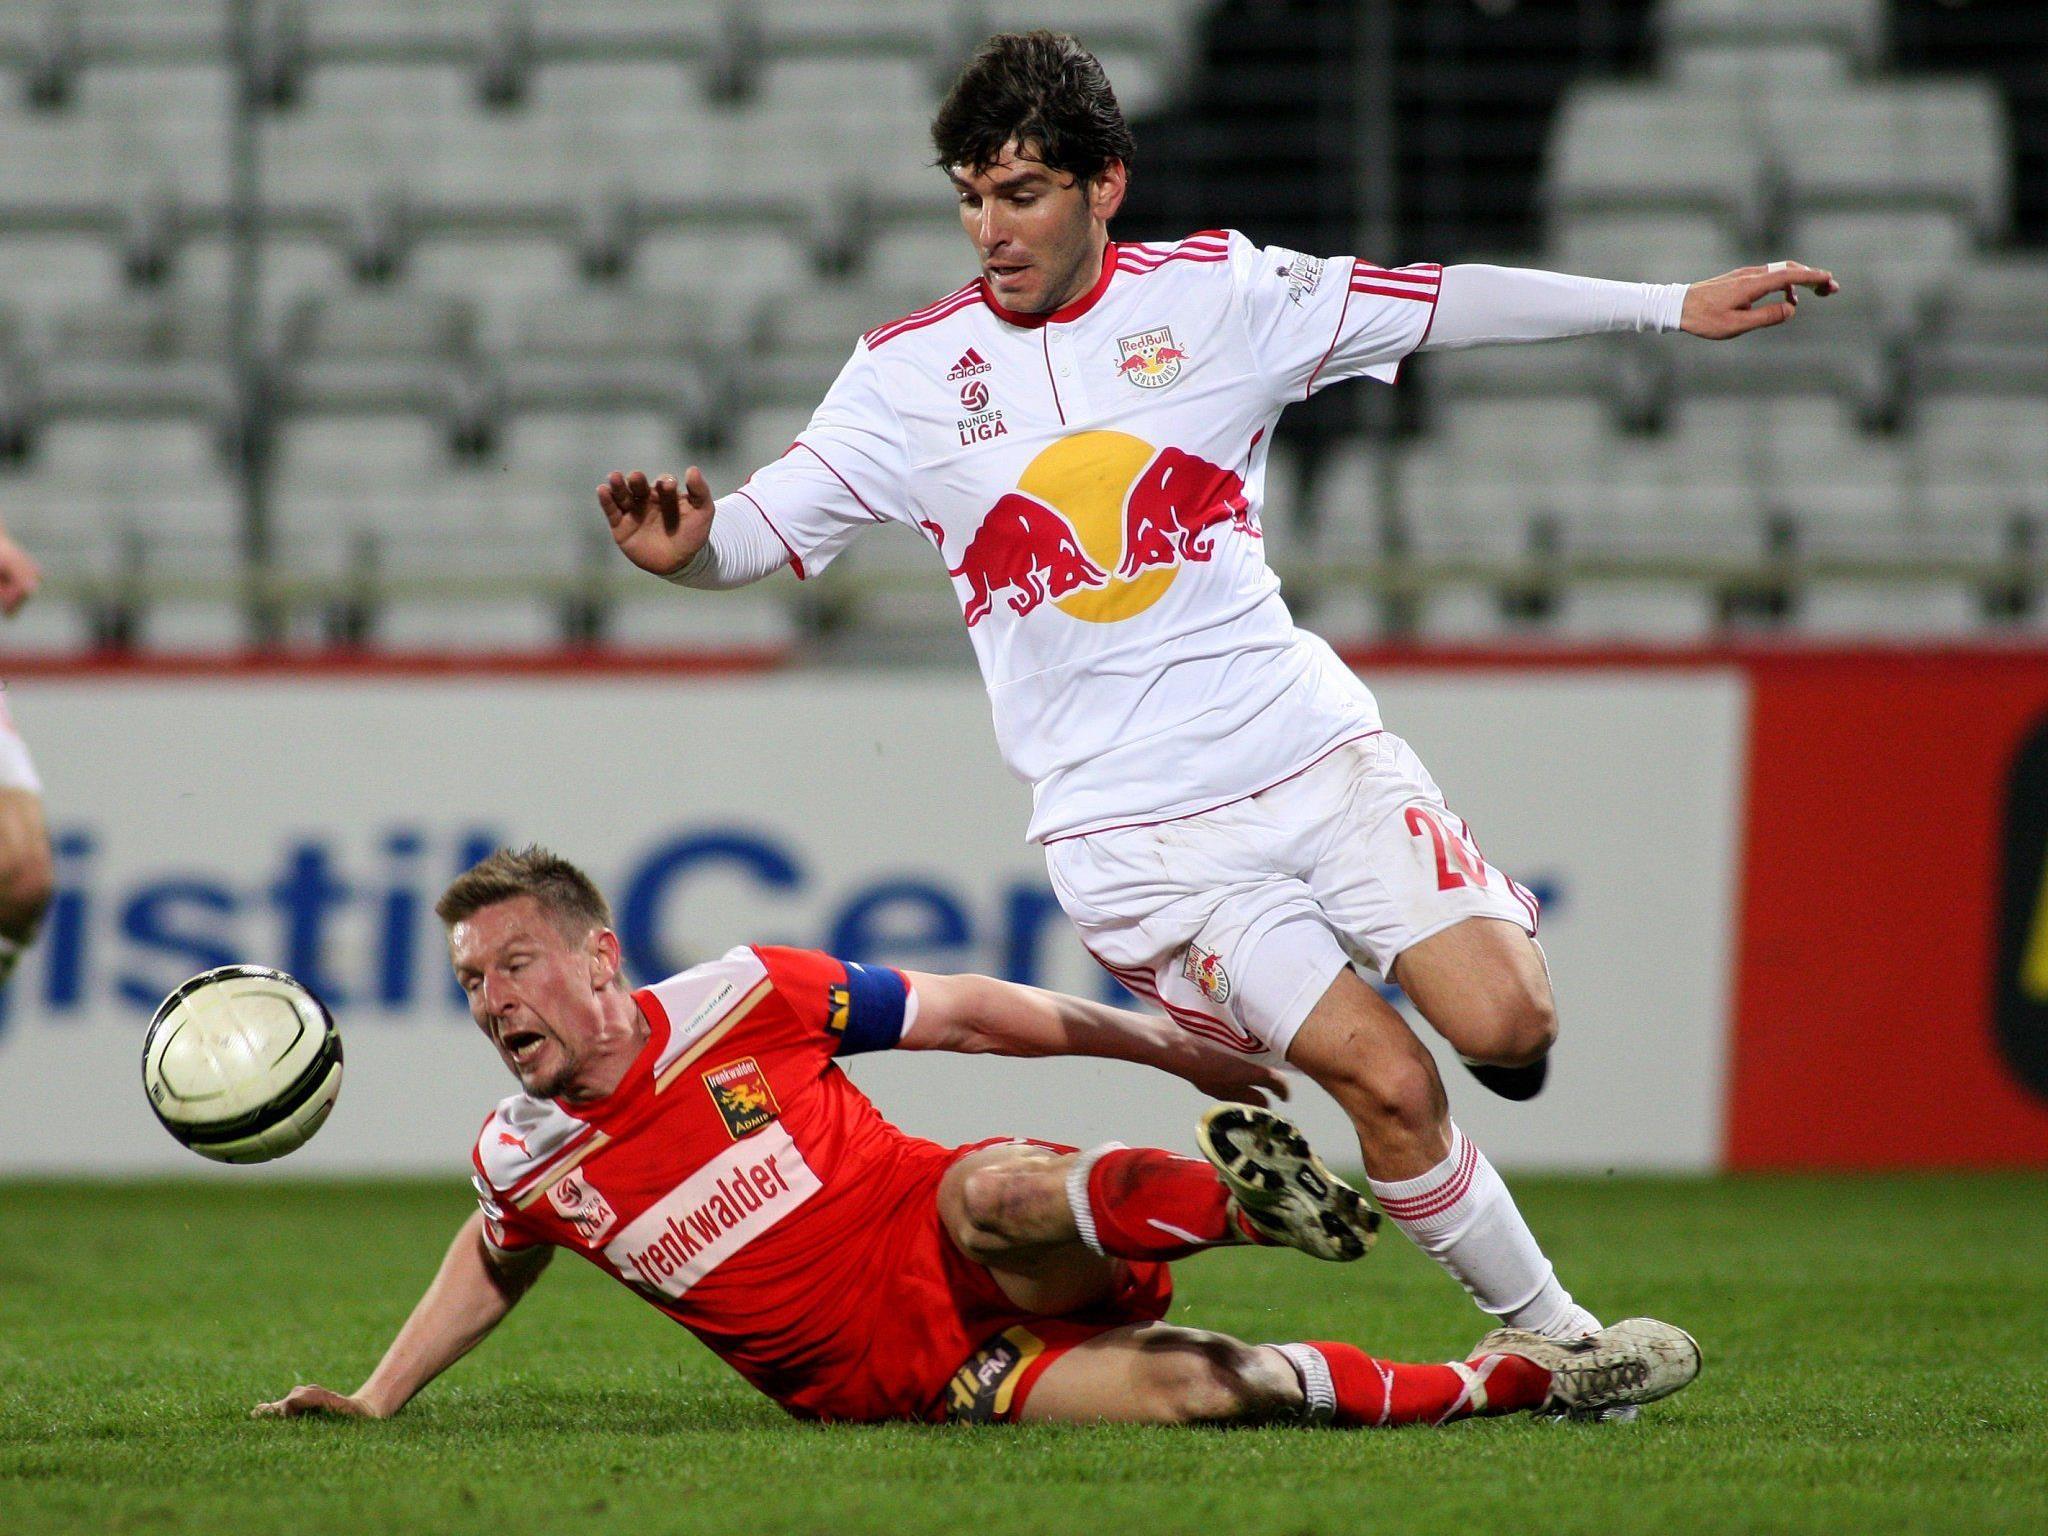 FC Admira - RB Salzburg: Spielbeginn am Donnerstag, 20.05. um 16:00.